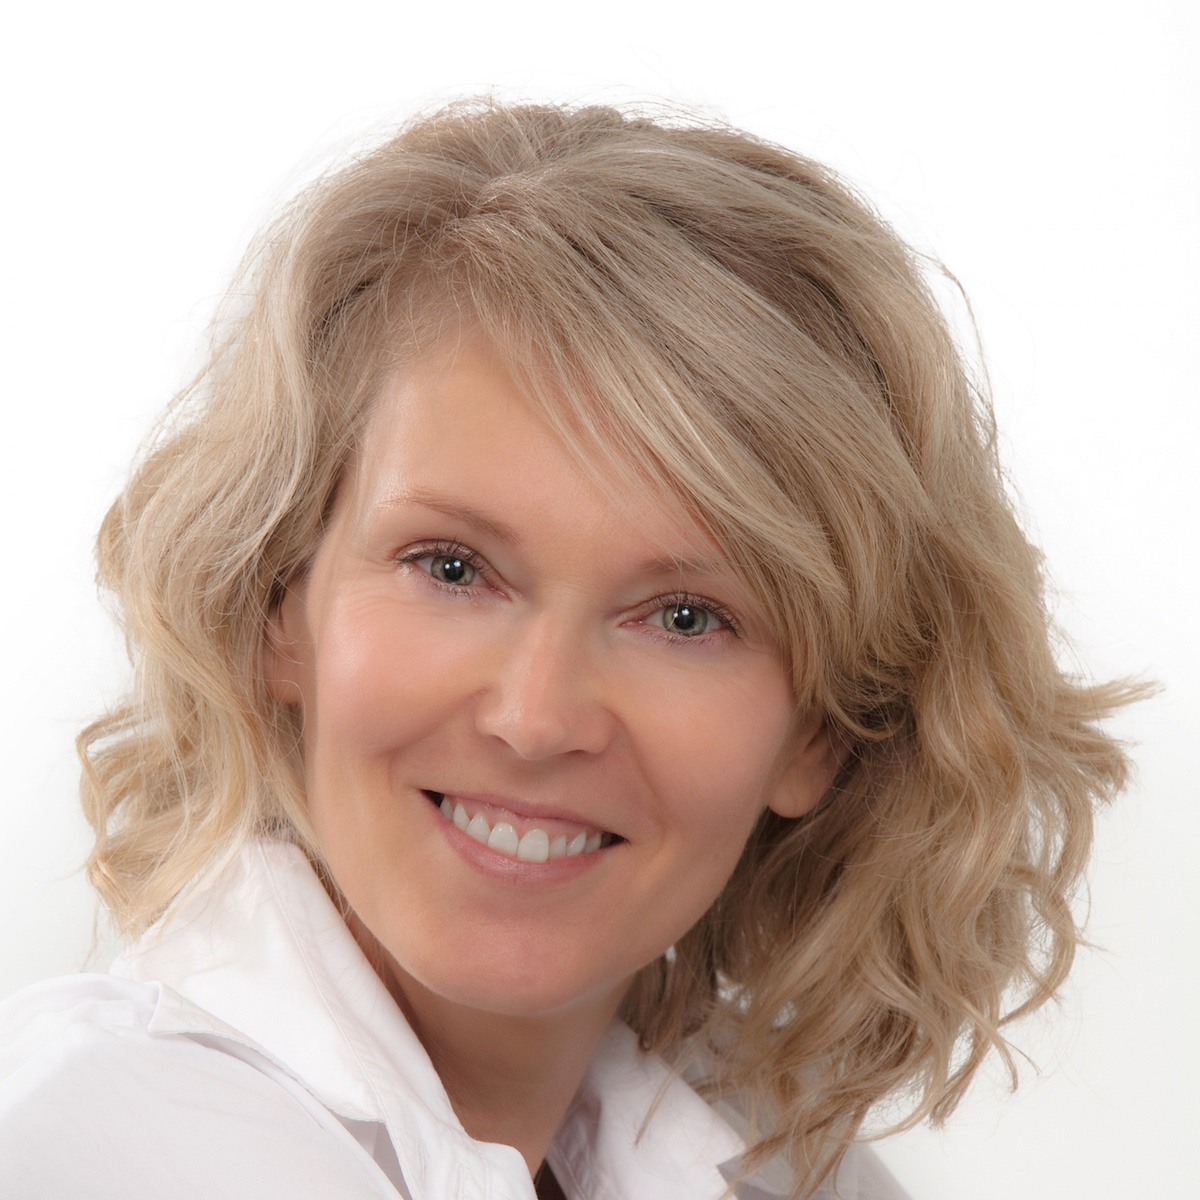 Delia McCable